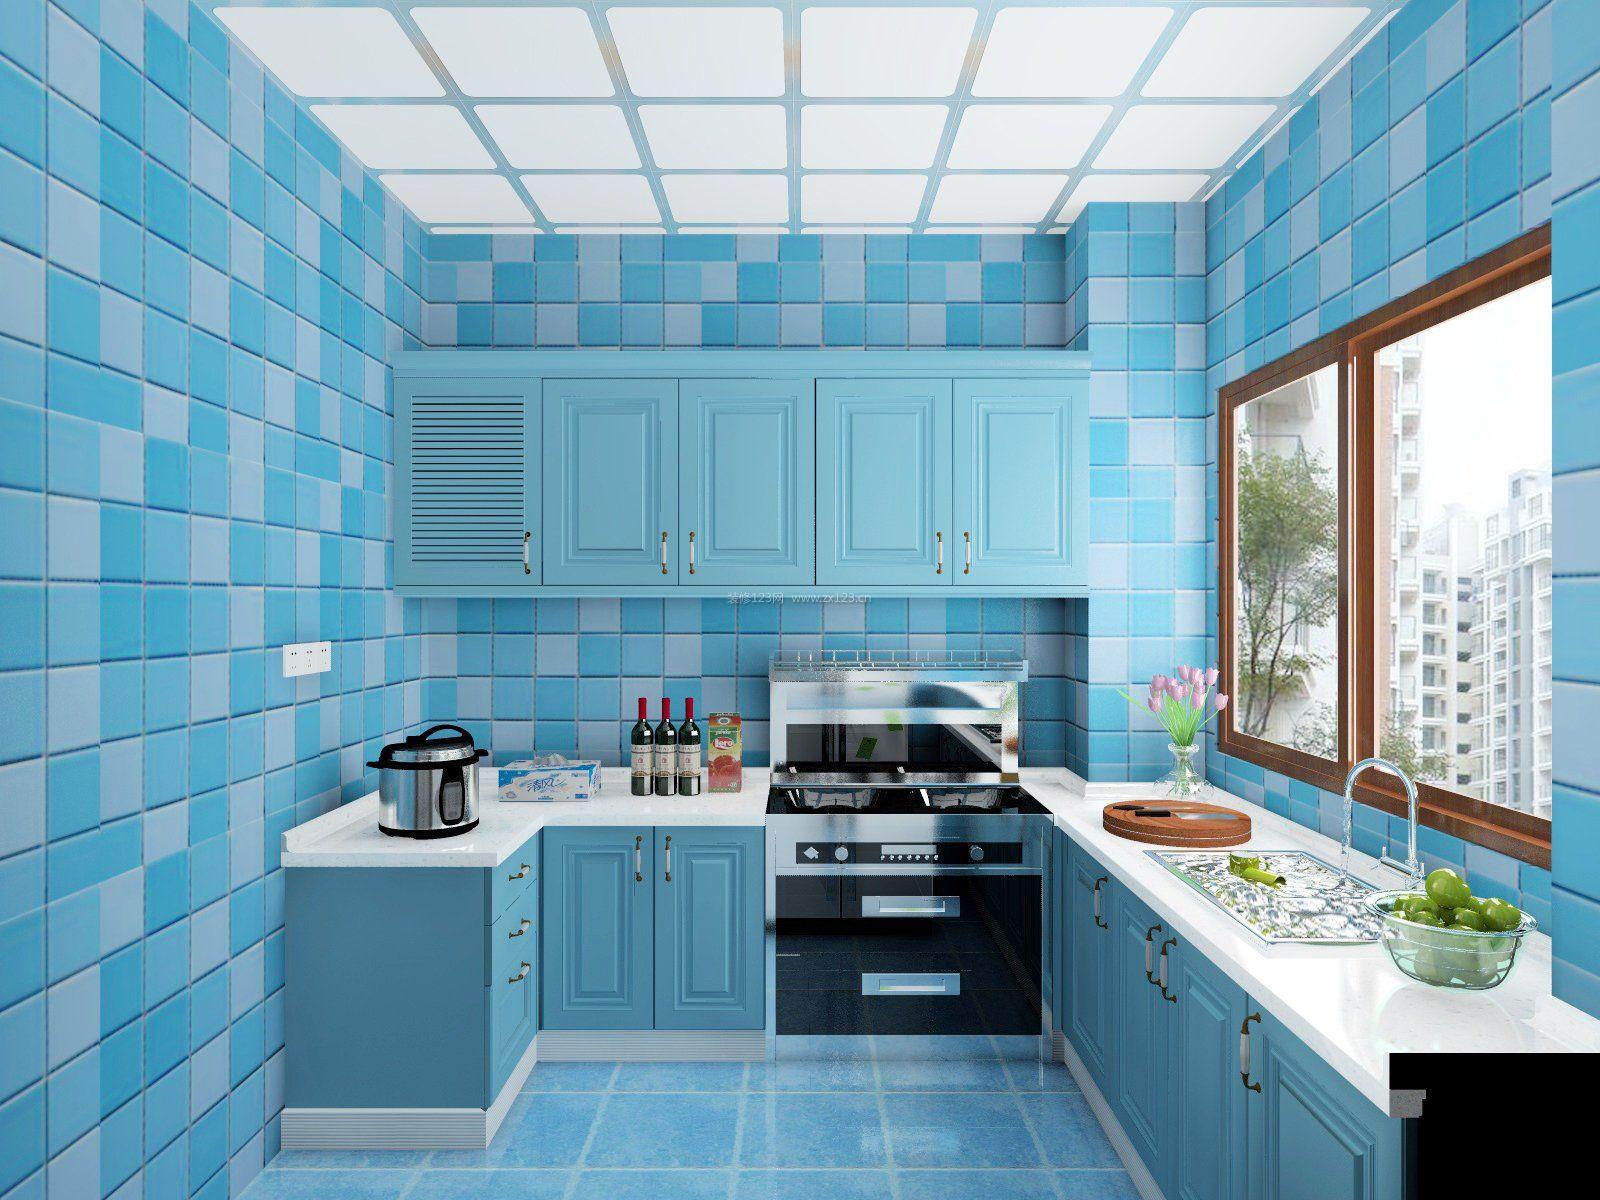 2017地中海风格蓝色厨房墙砖贴图